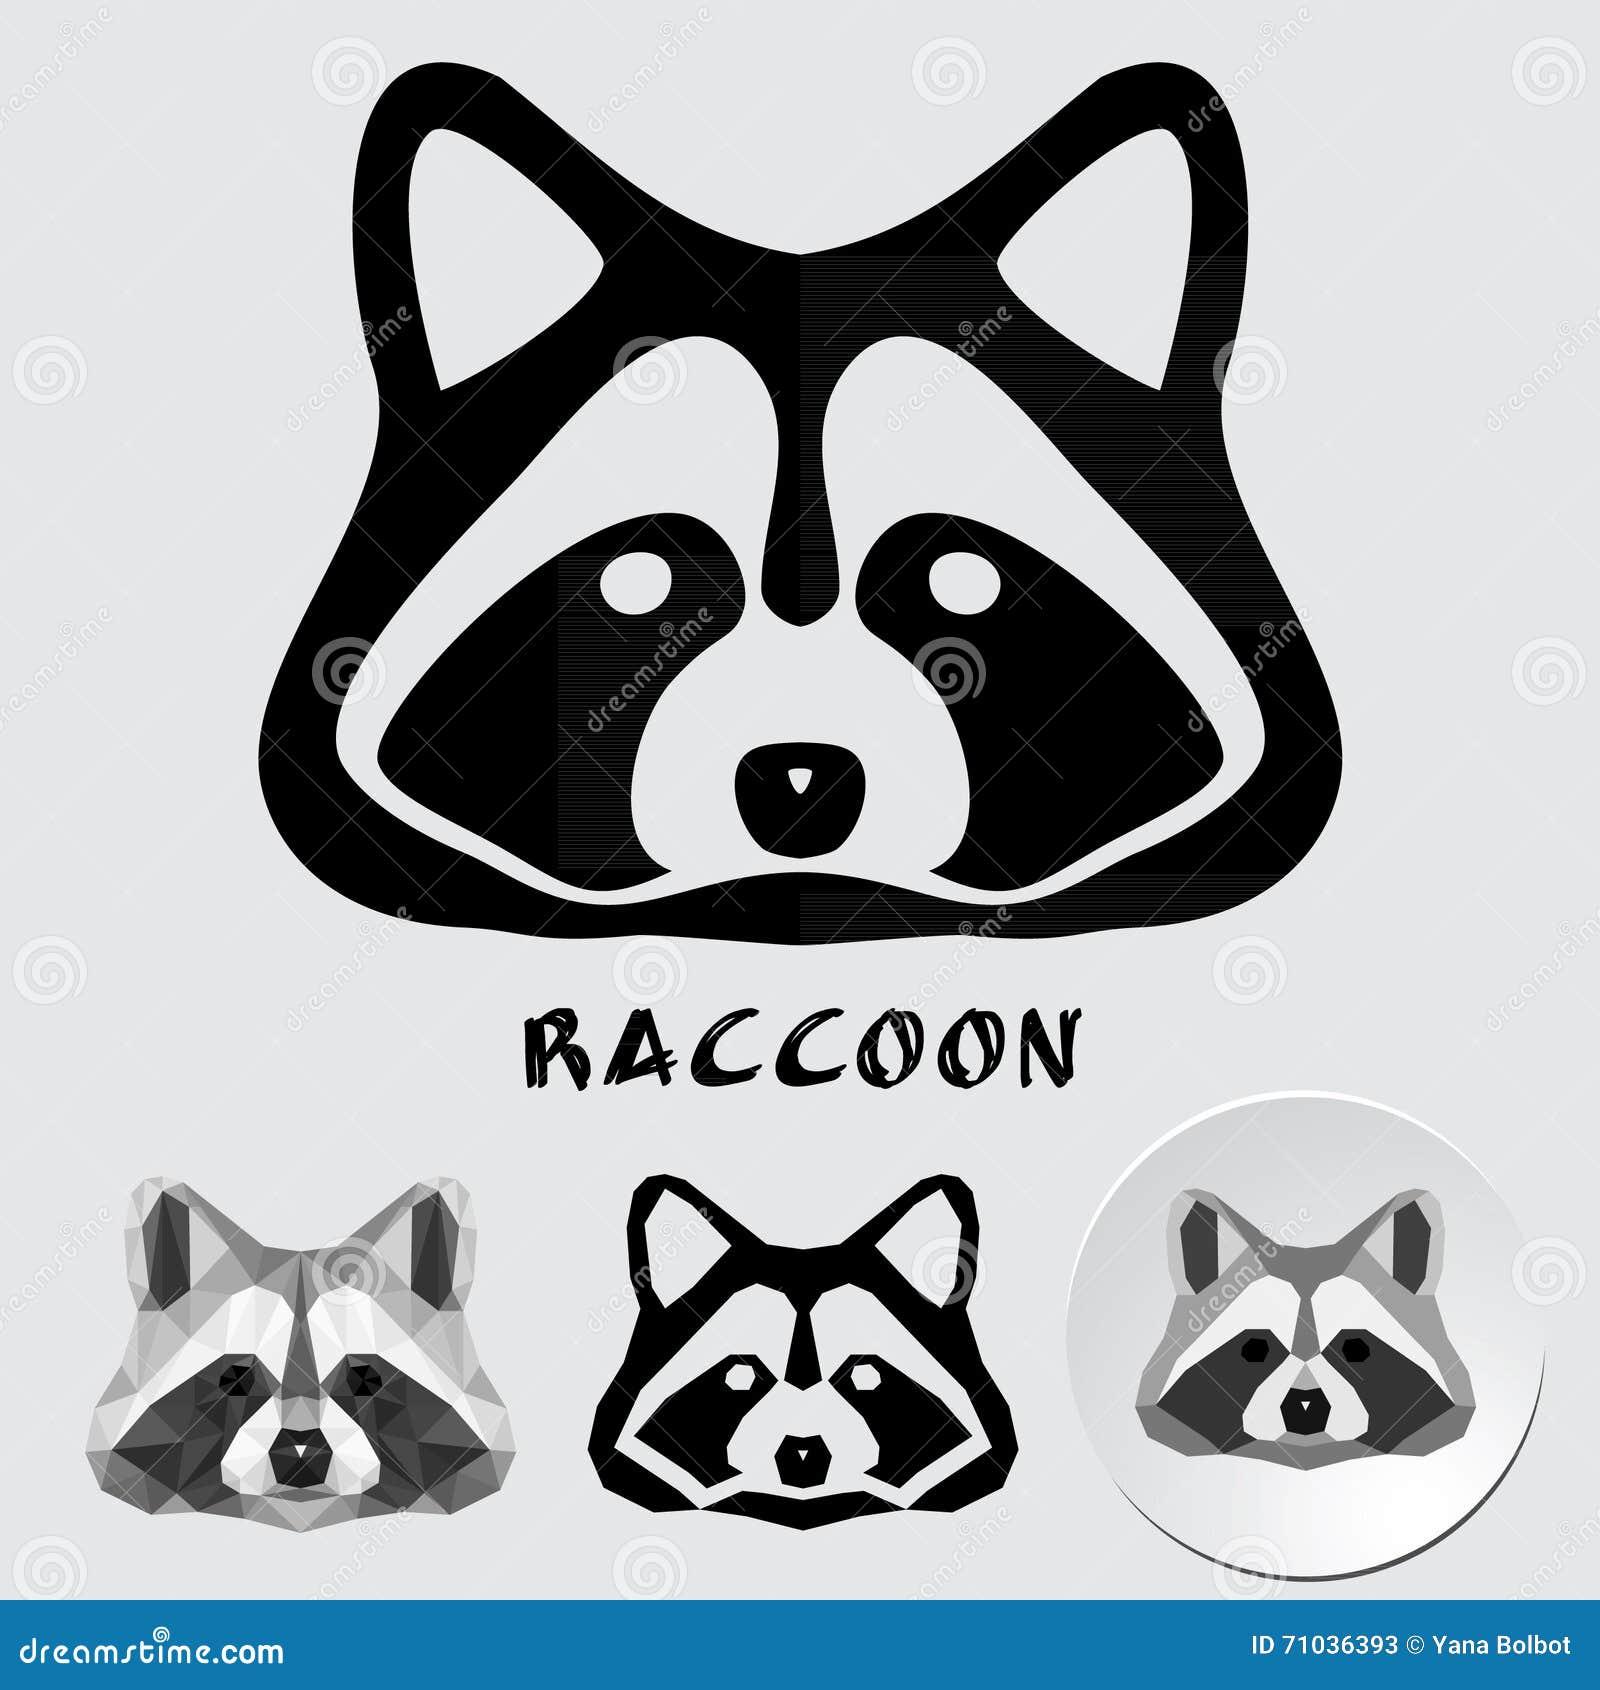 Logo of a raccoon face stock vector. Image of cute, icon ... Raccoon Face Clip Art